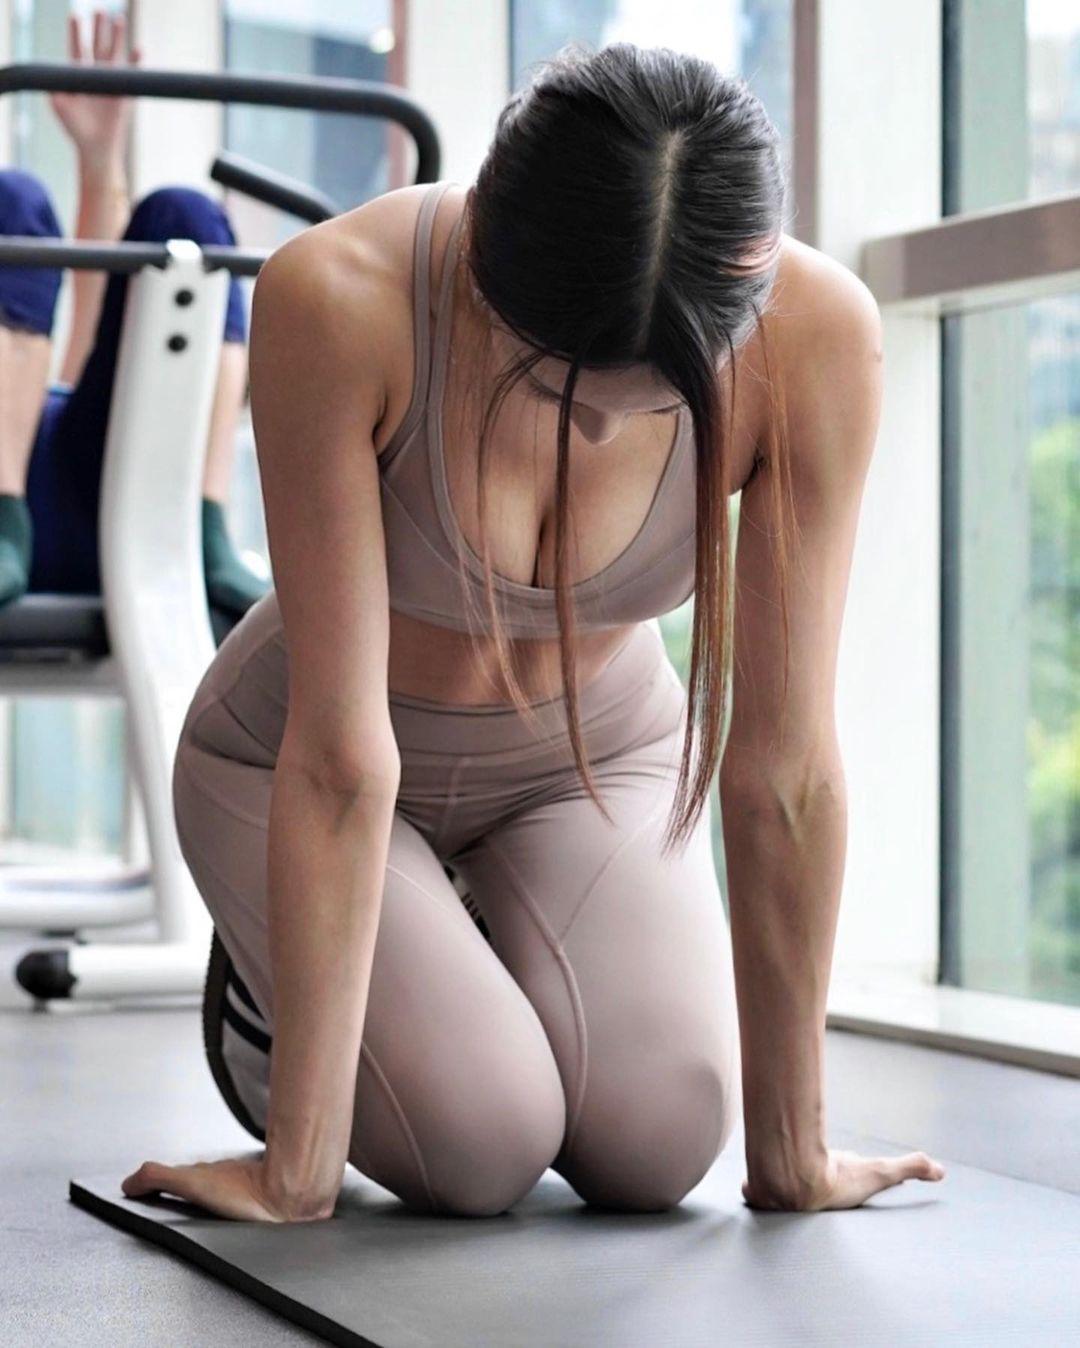 キャスリン・リー「セクシーすぎるトレーニング!」露出度高いウェアスタイルを大量投下【画像8枚】の画像001